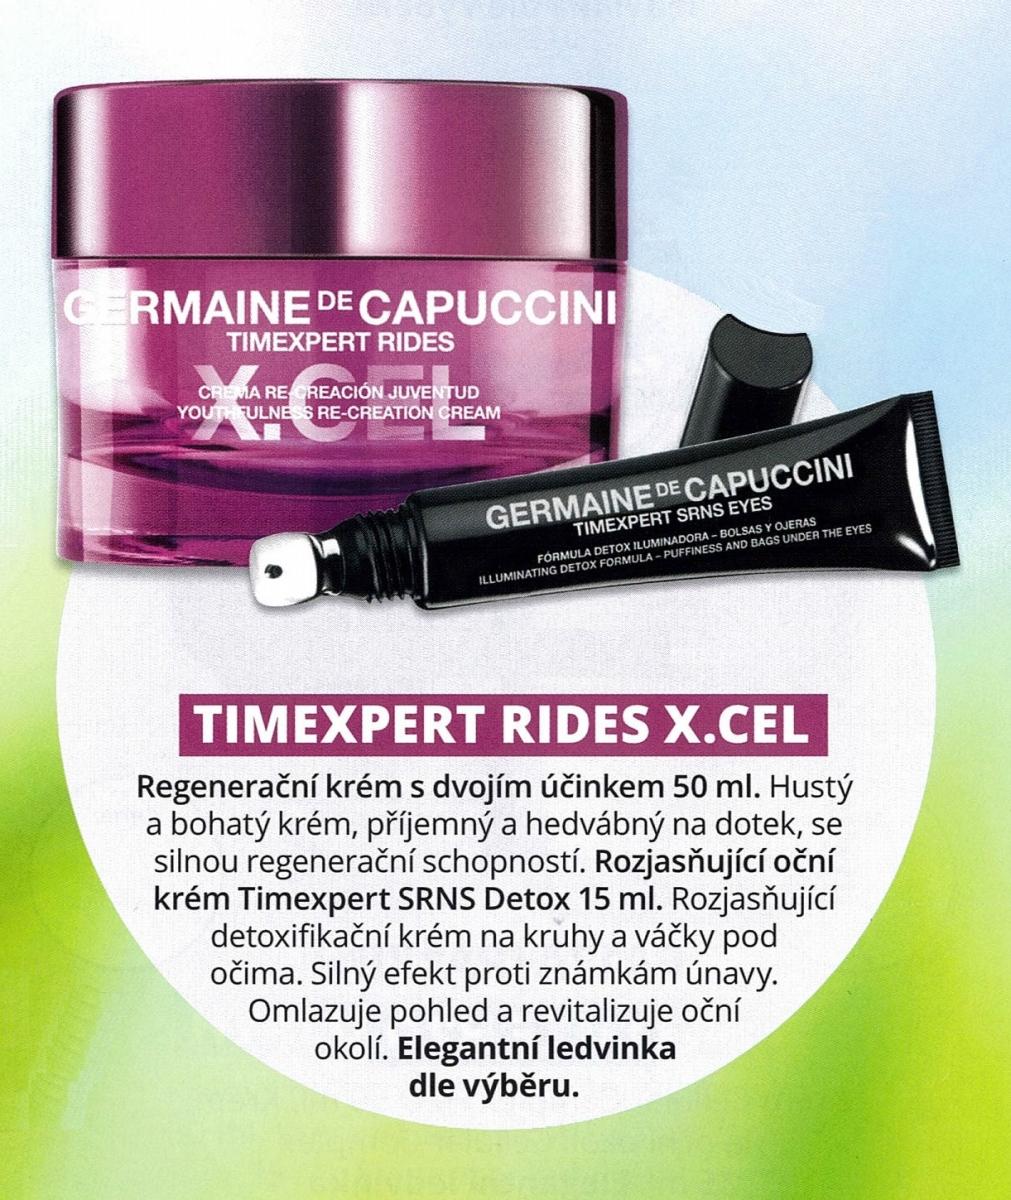 GERMANIE DE CAPUCCINI TIMEXPERT RIDES